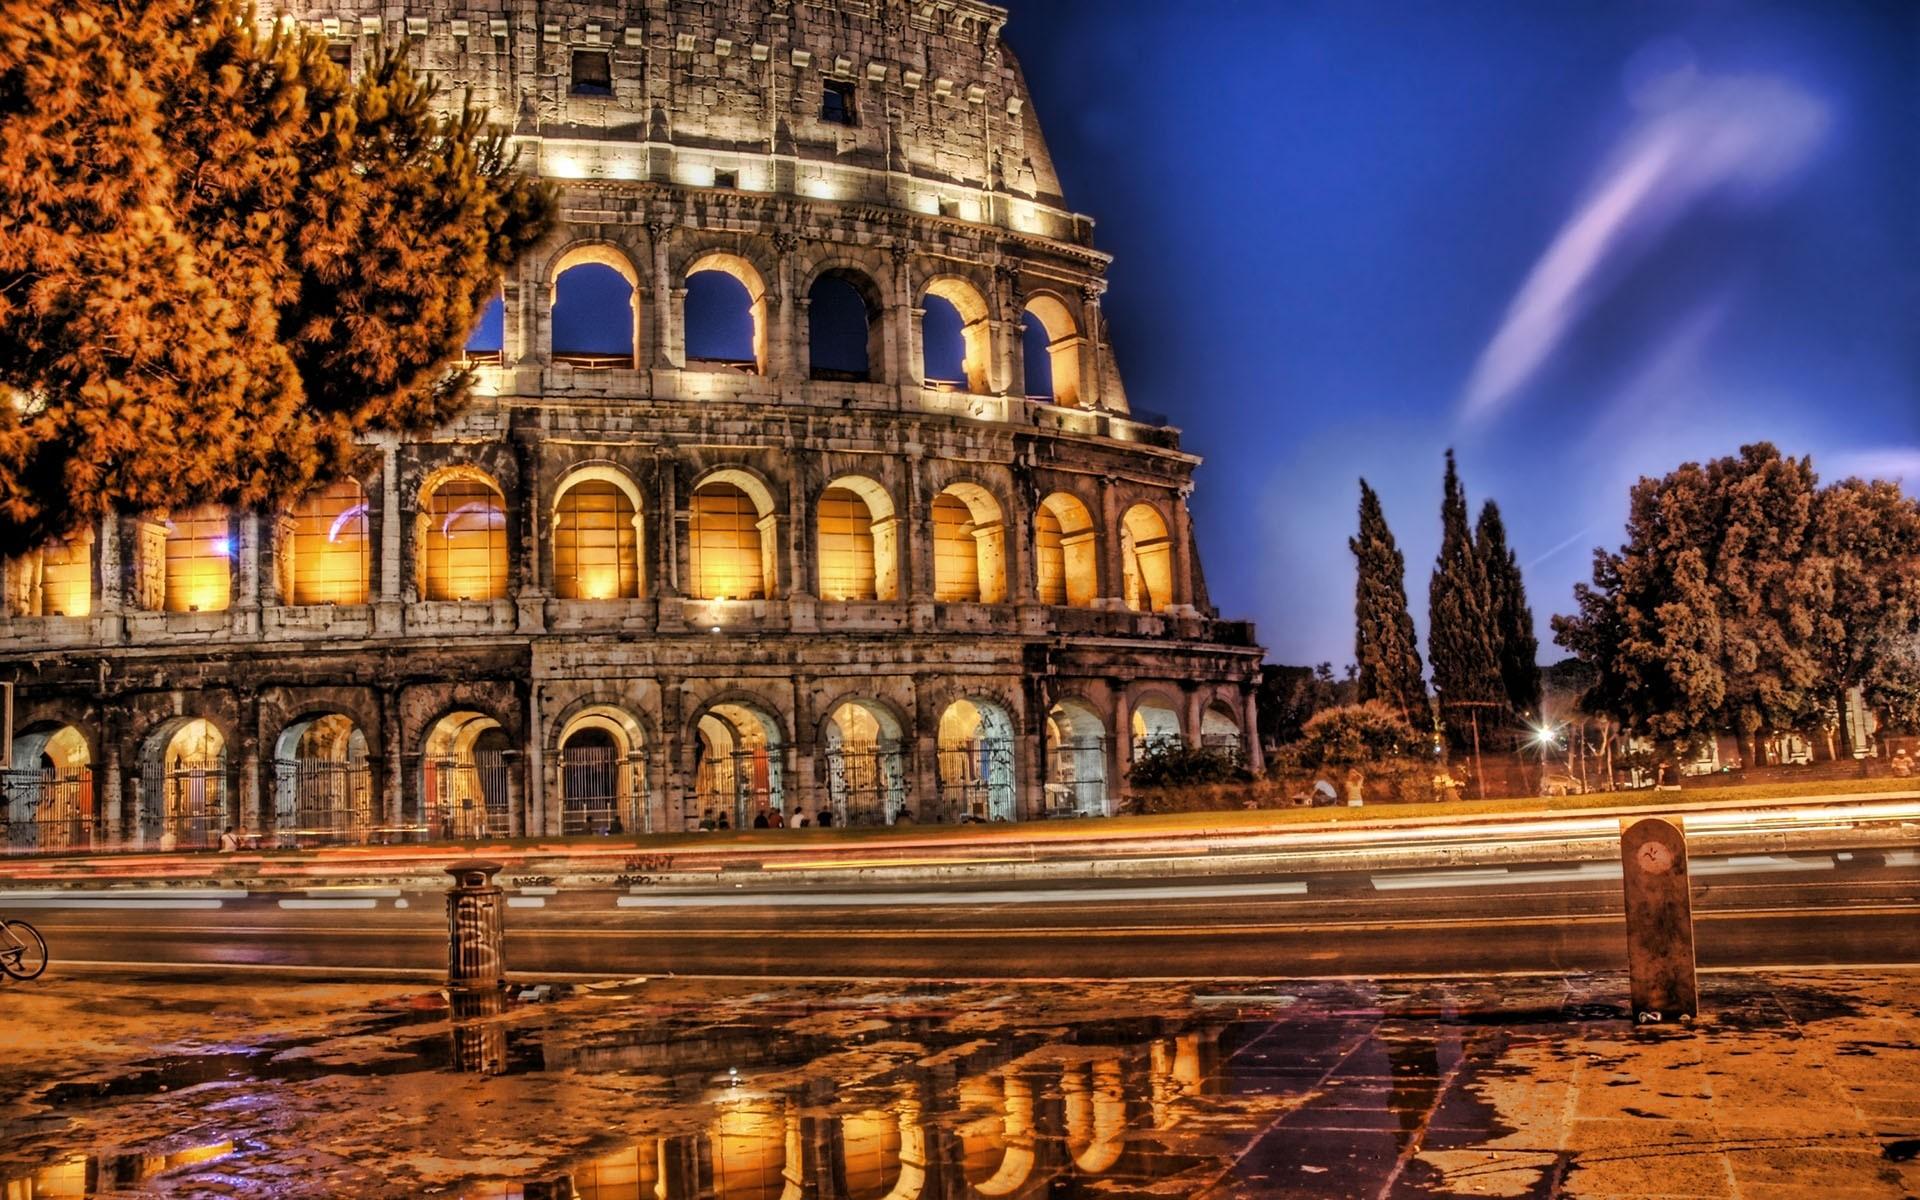 italia wallpaper (55+ images)